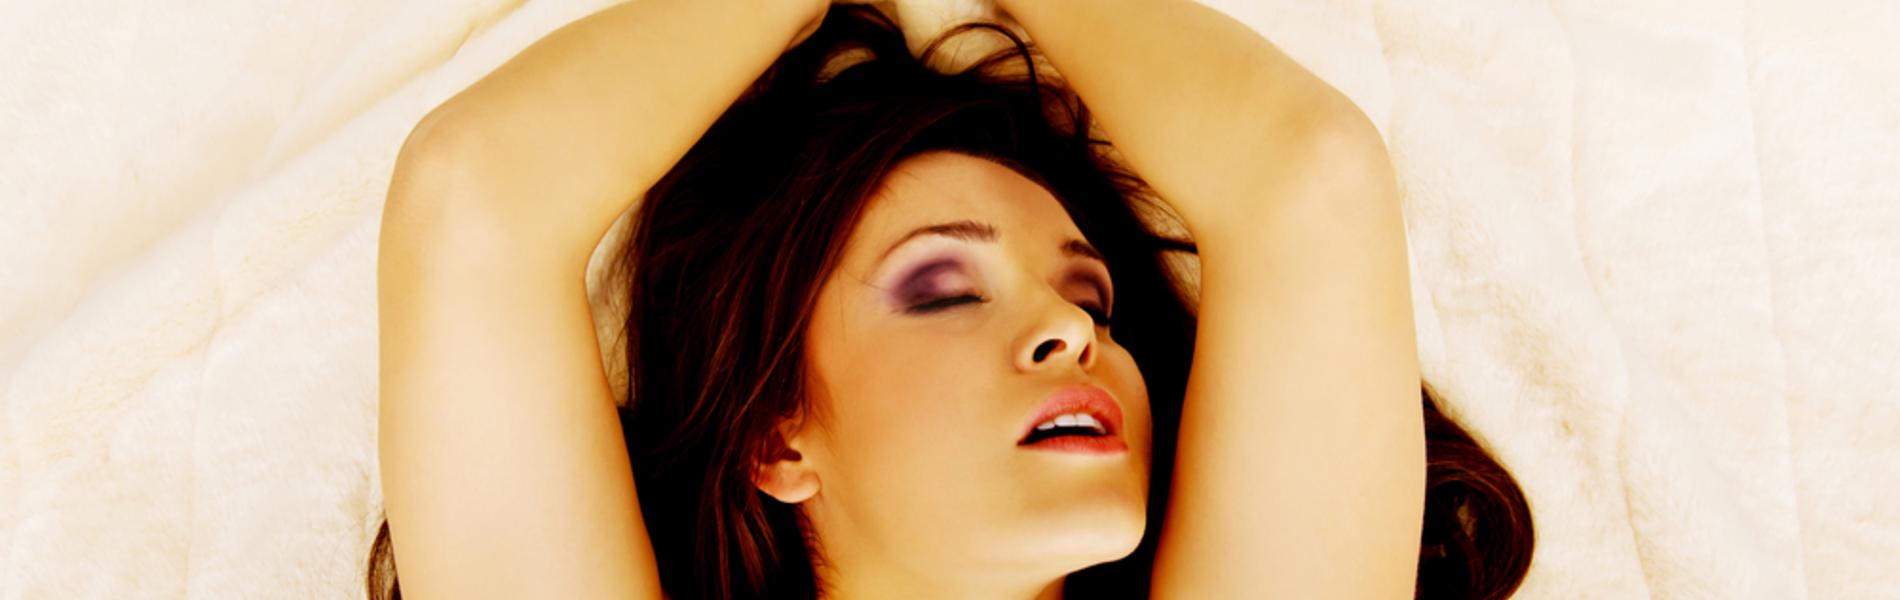 אישה שיודעת מה היא אוהבת בסקס, תדע מה היא מחפשת בחיים